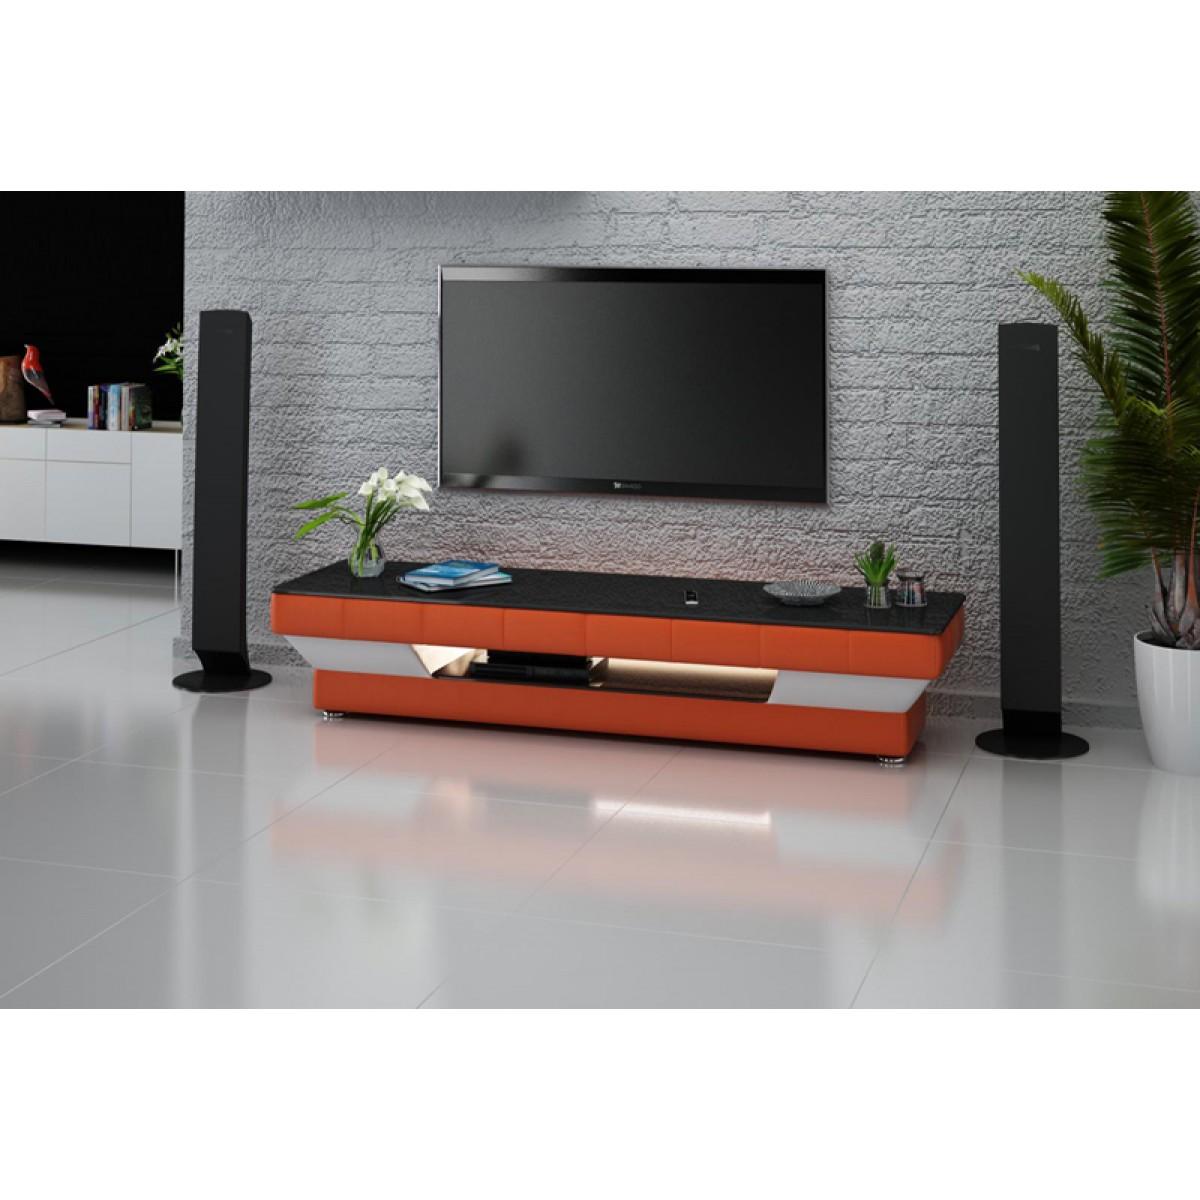 meuble tv personnalisable california